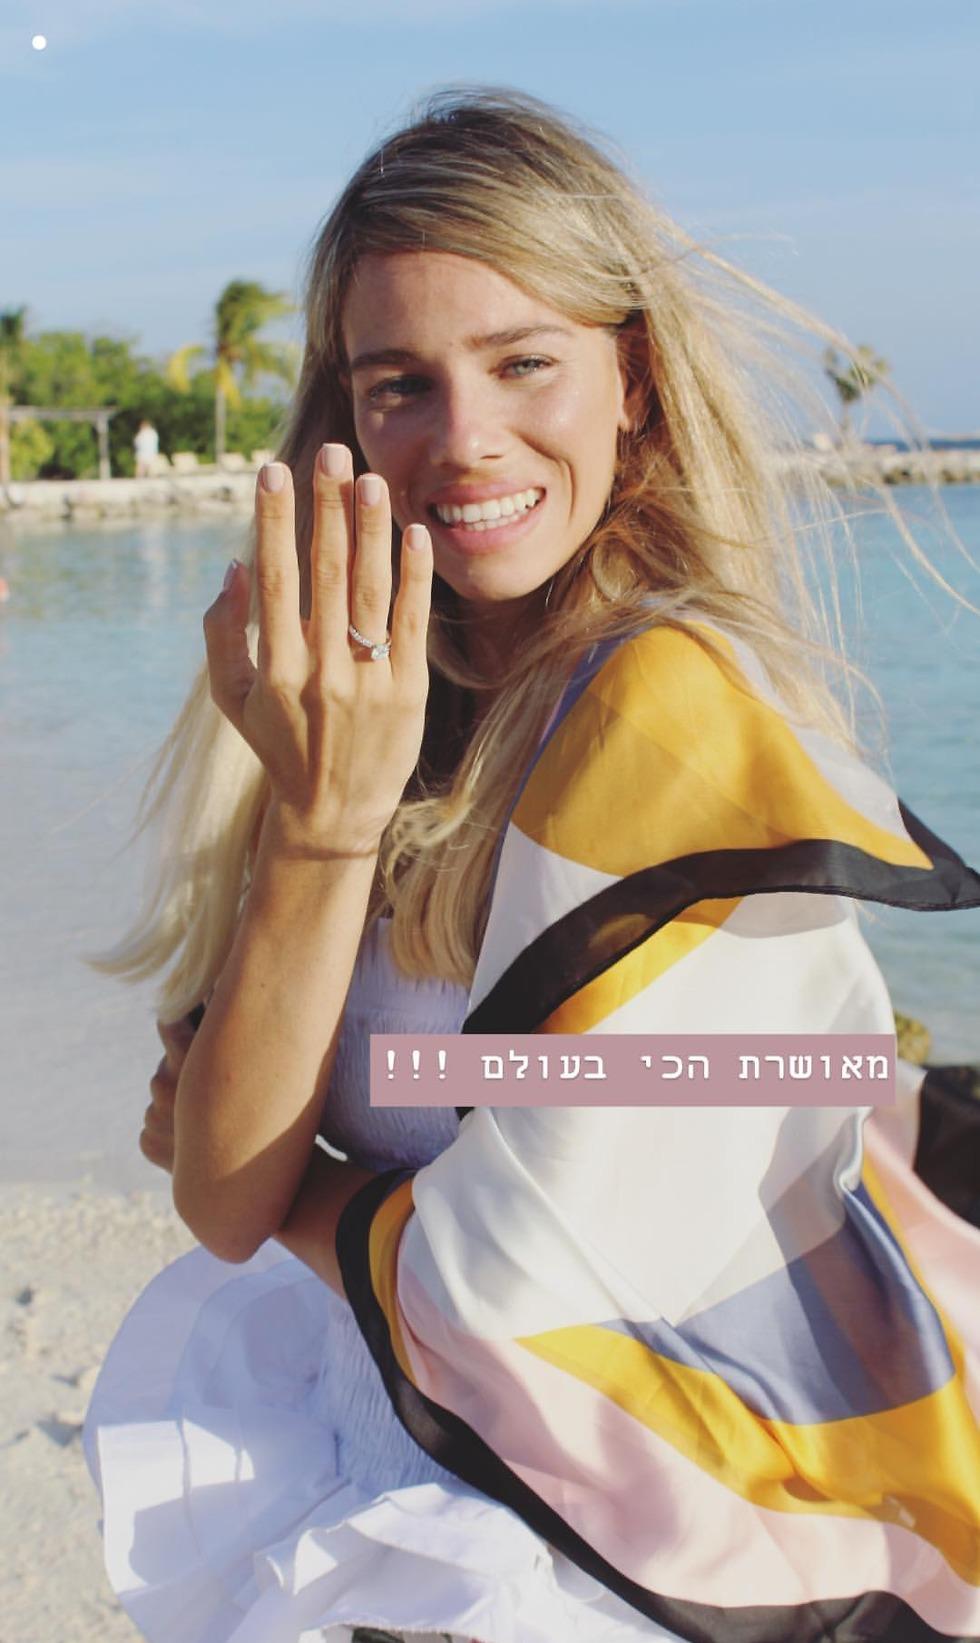 יובל אמזלג מראה את הטבעת (מתוך האינסטגרם)